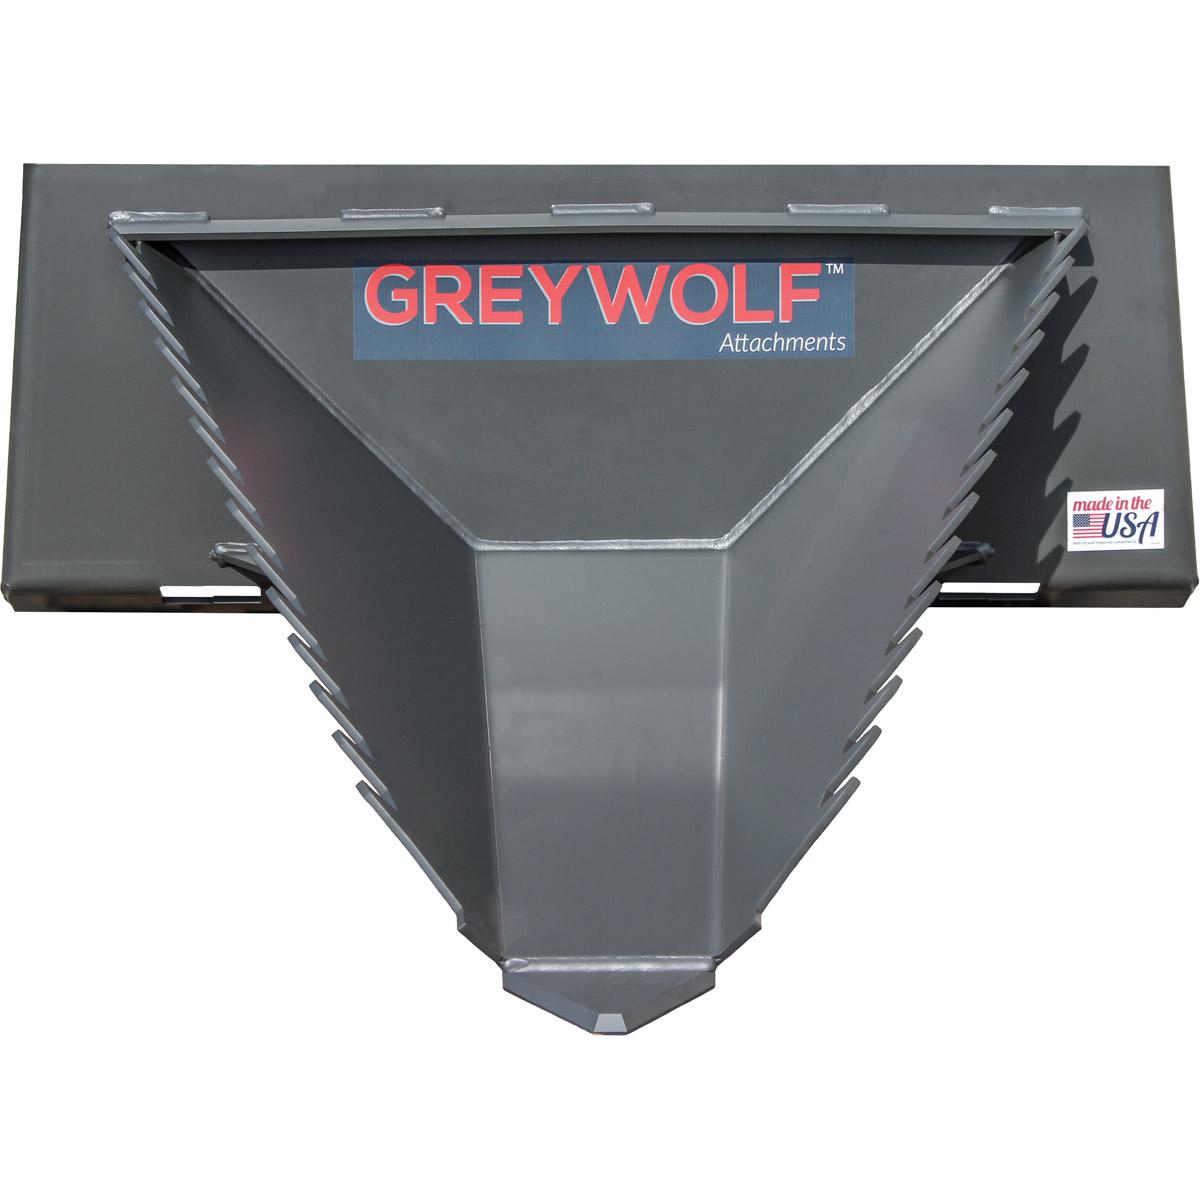 GreyWolf Stump Bucket Skid Steer Attachment